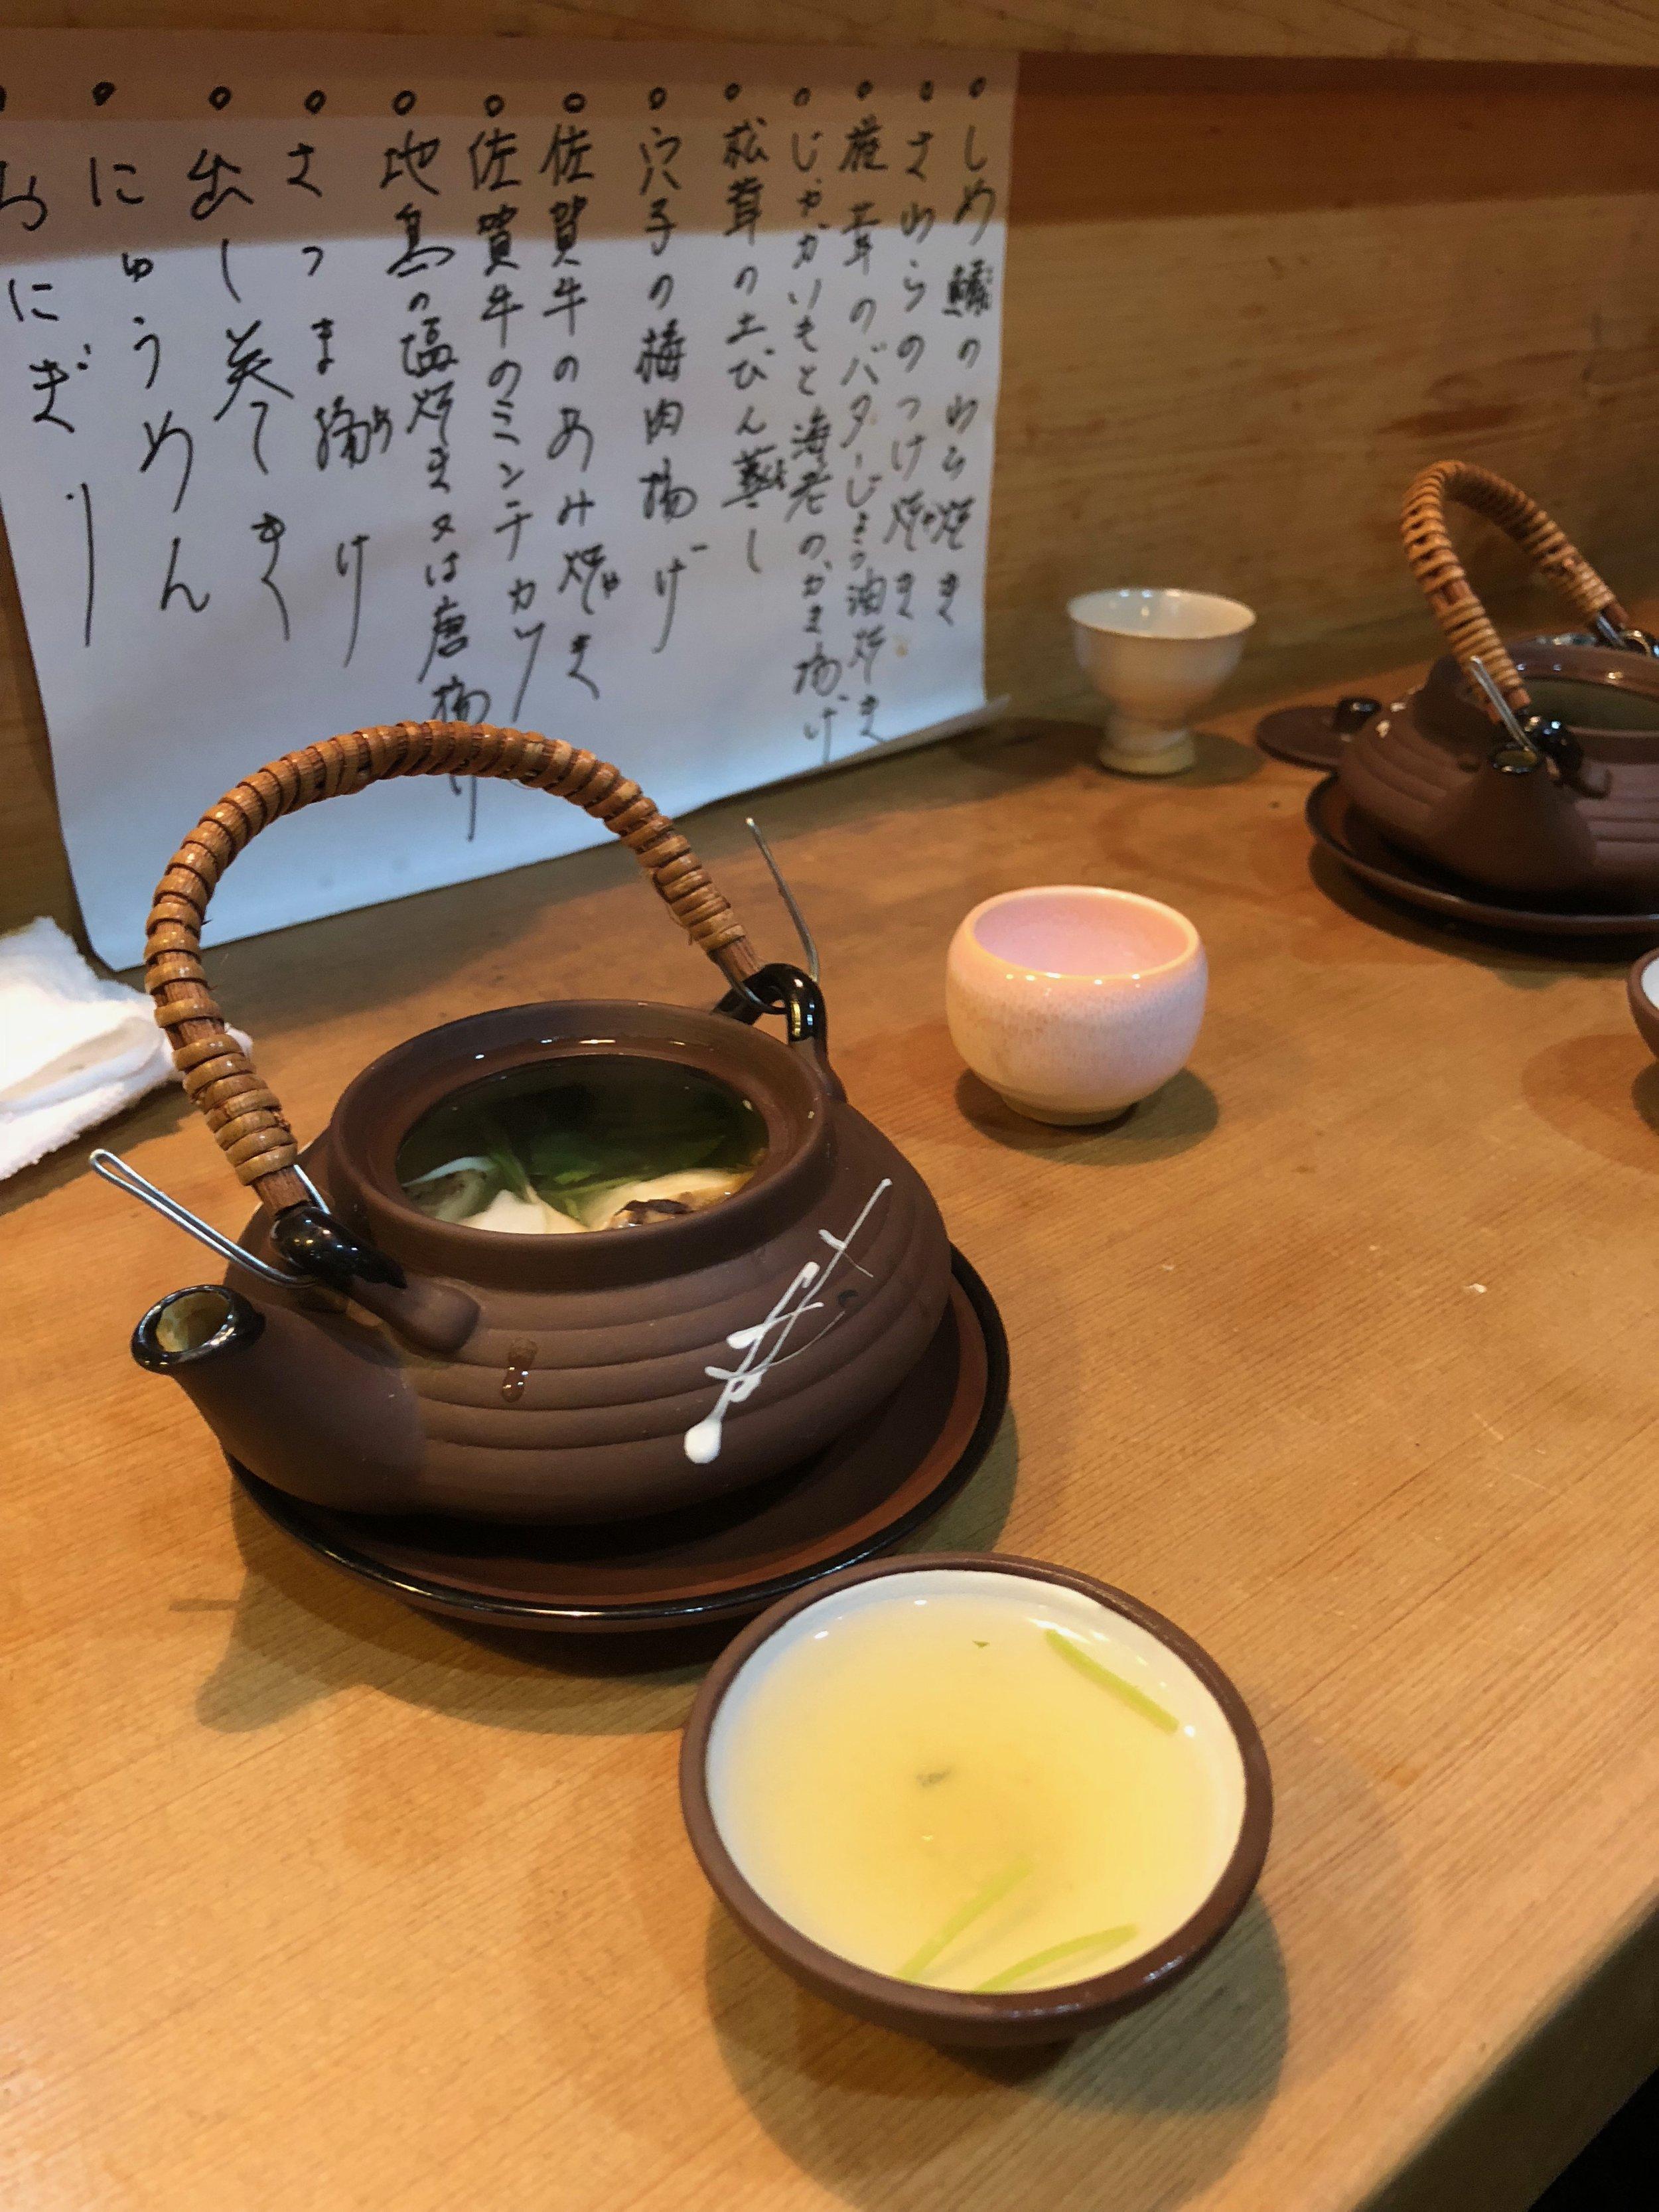 Para terminar, una sopa hecho con pescado y hongos y vegetales. Primero se toma la sopa y después de come el resto de la taza de té. ¡Que original!